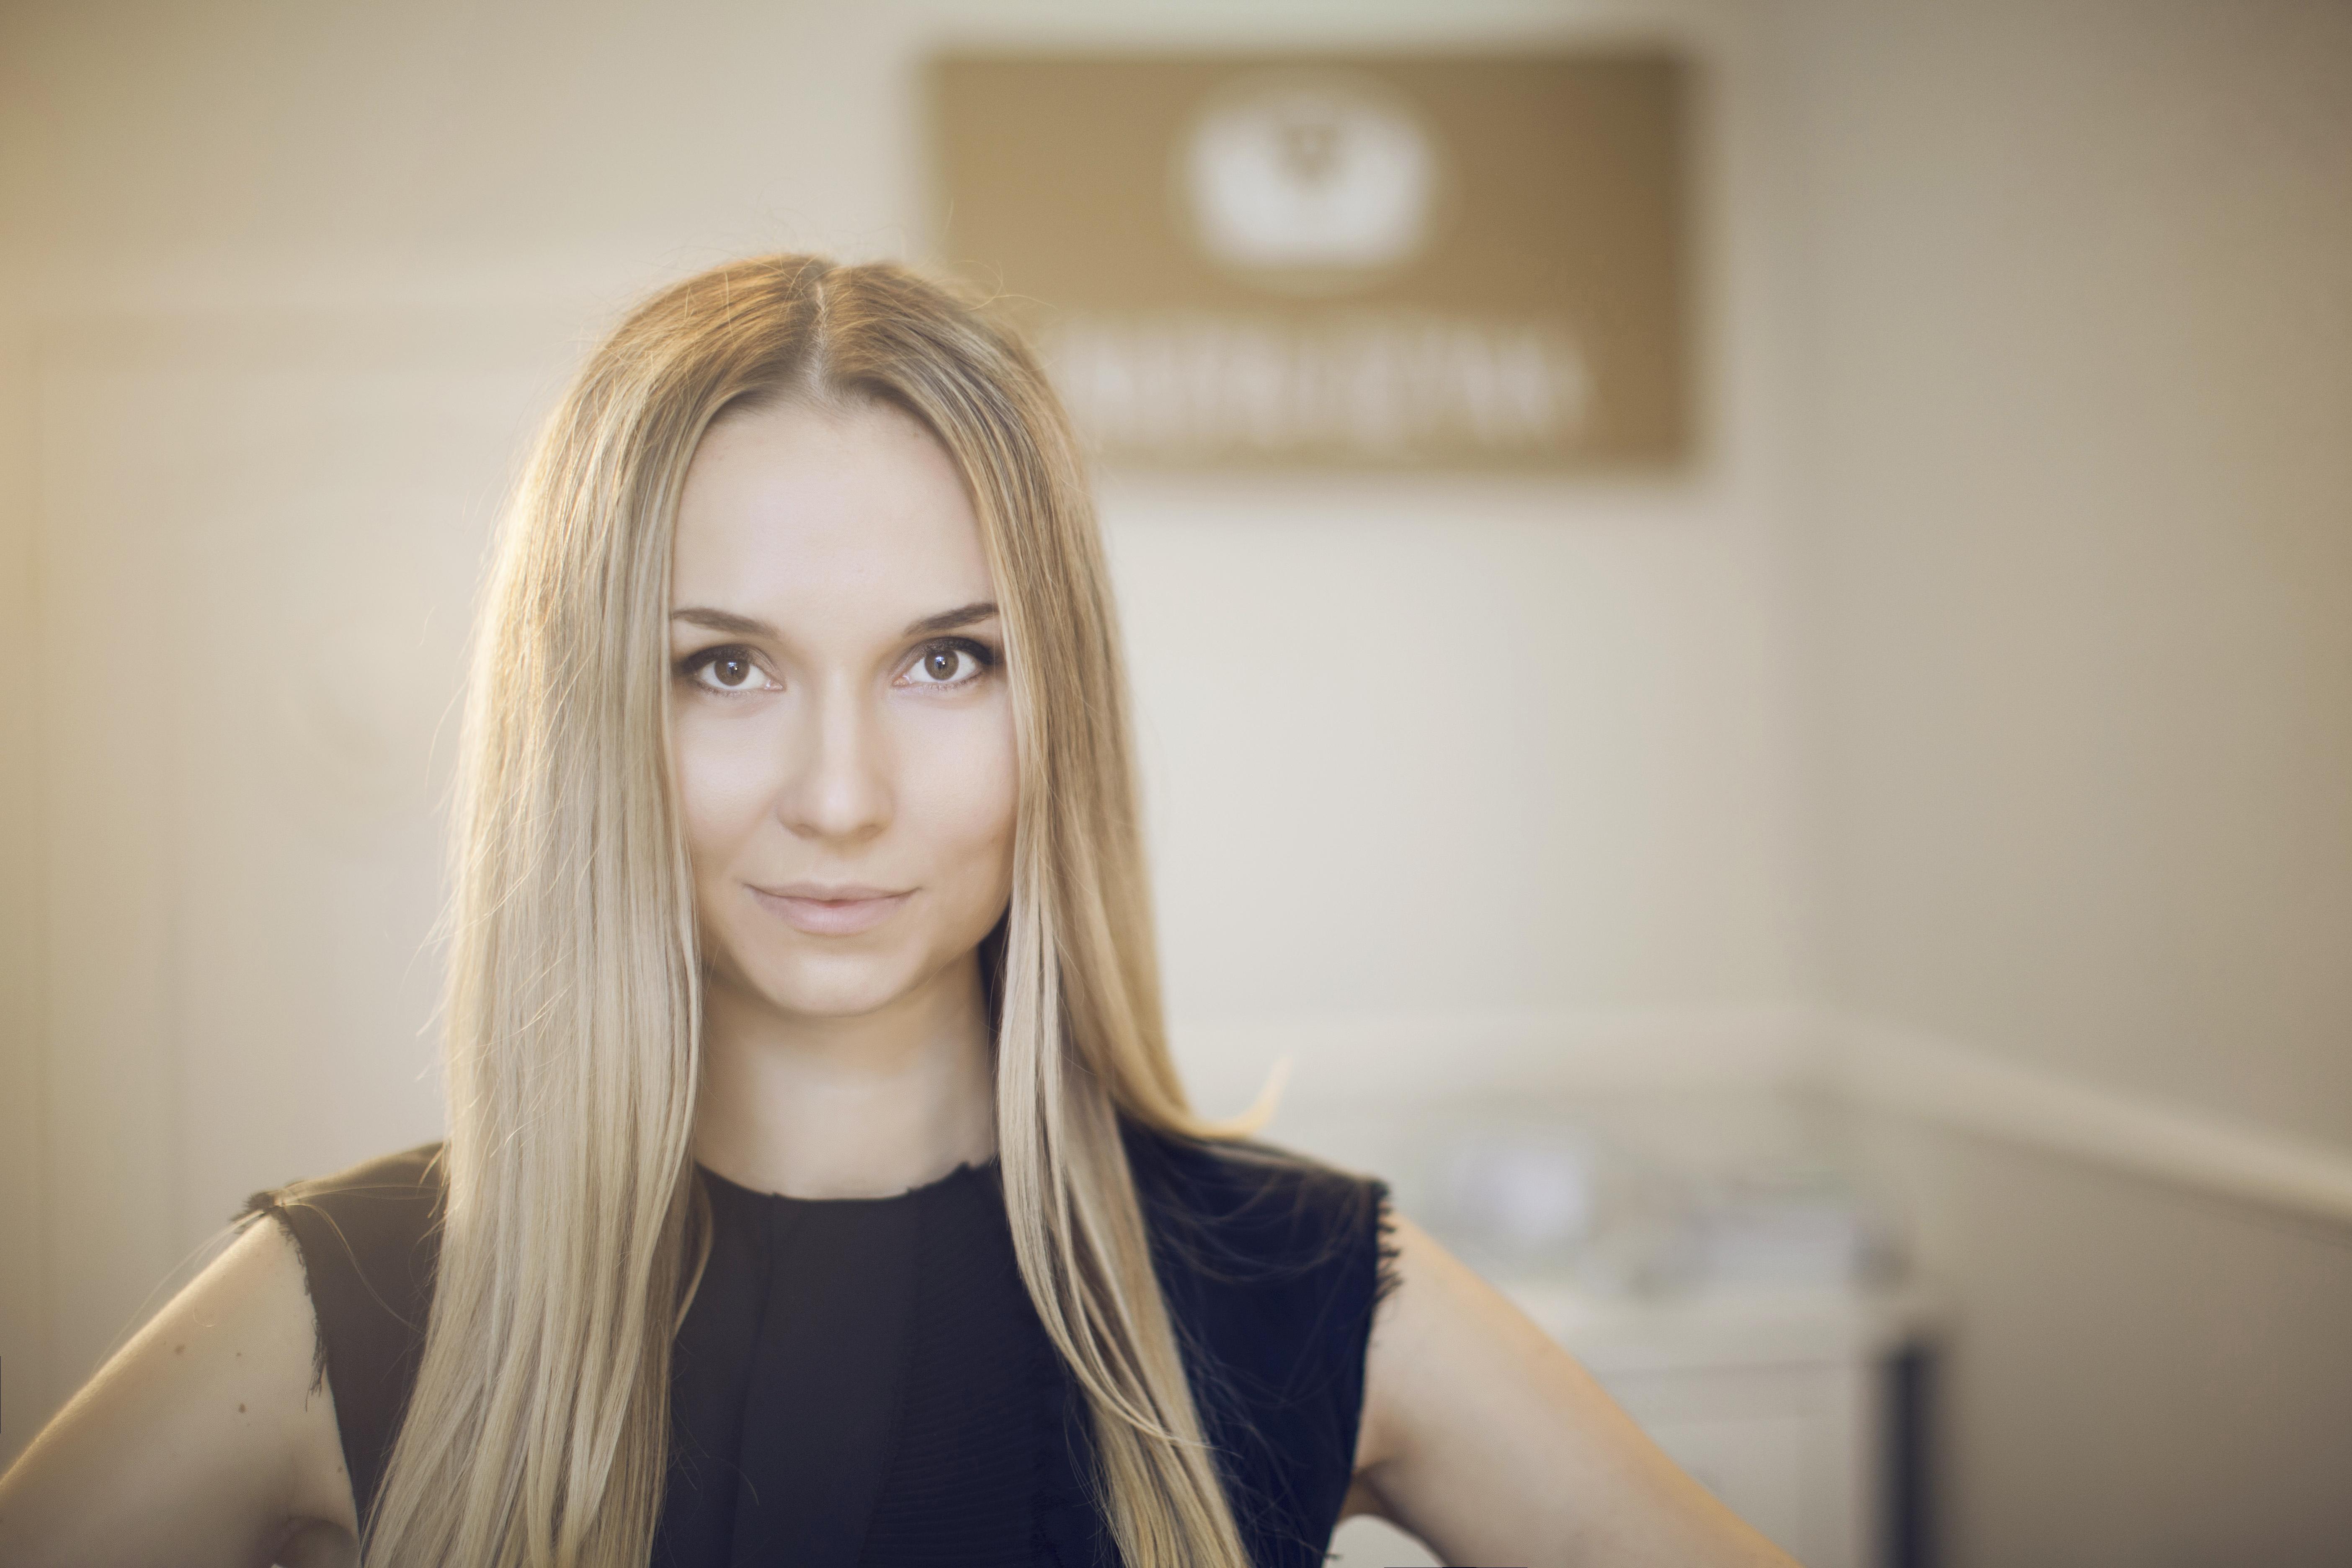 Дизайнер Надя Дзяк уверена, что сложная ситуация в Украине сподвигала людей ценить украинских производителей